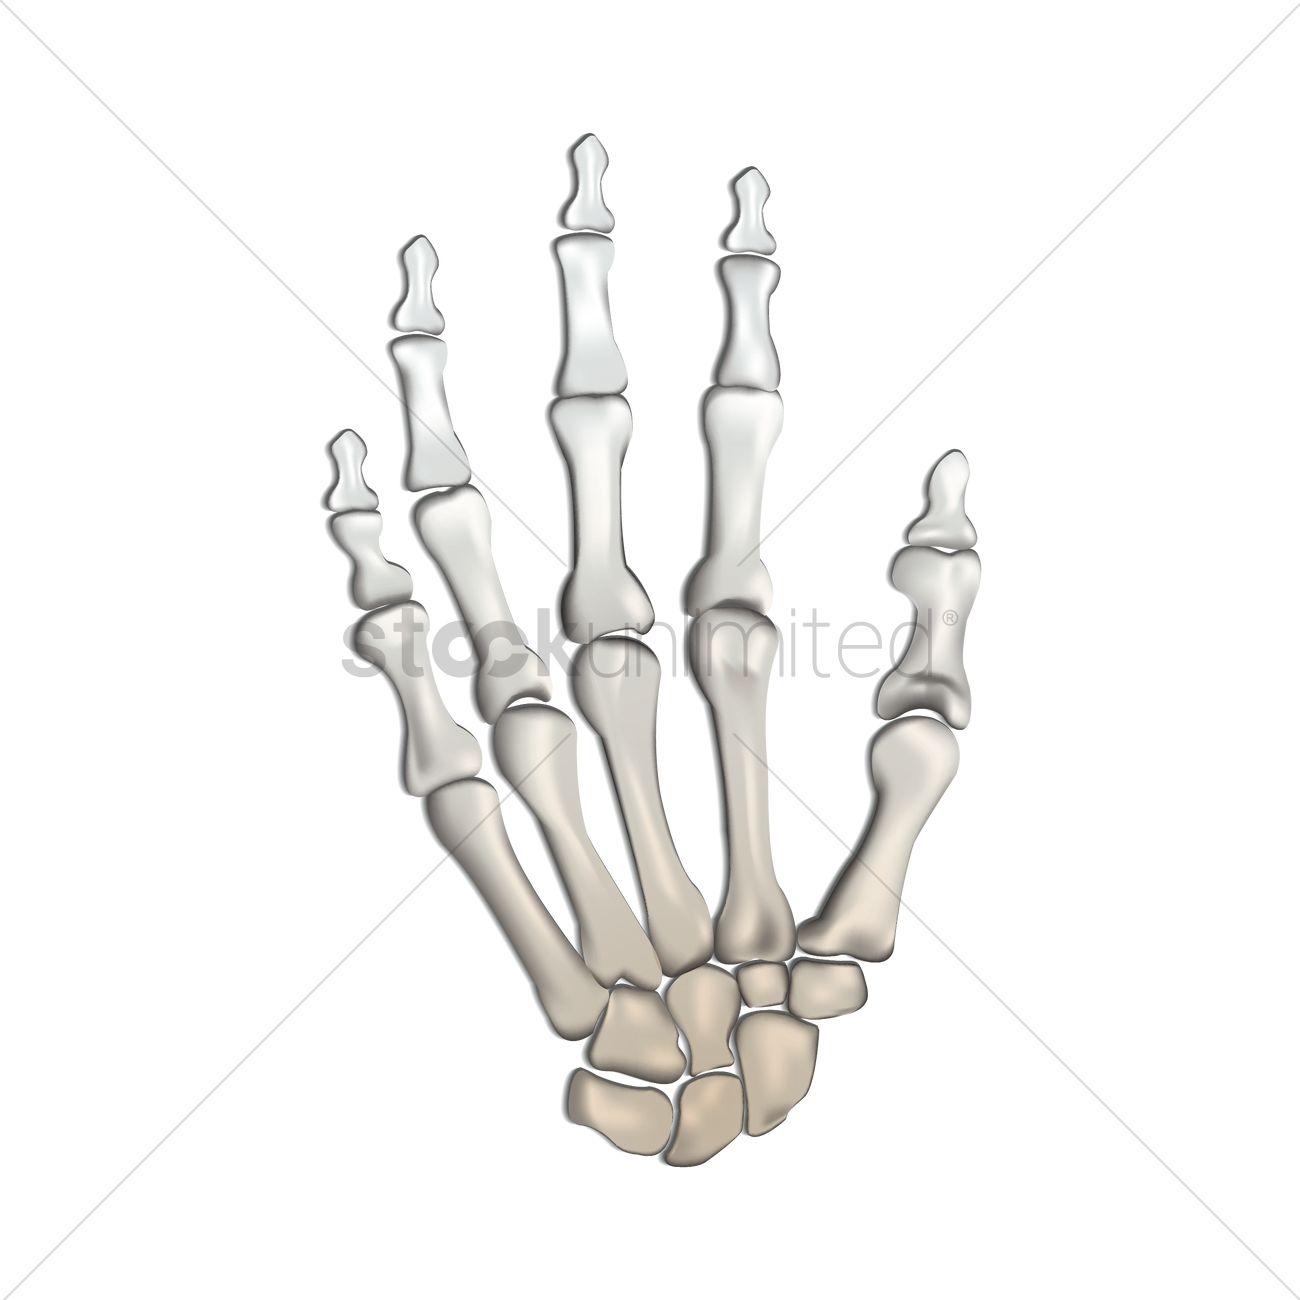 Bones Of Human Hand Vector Image